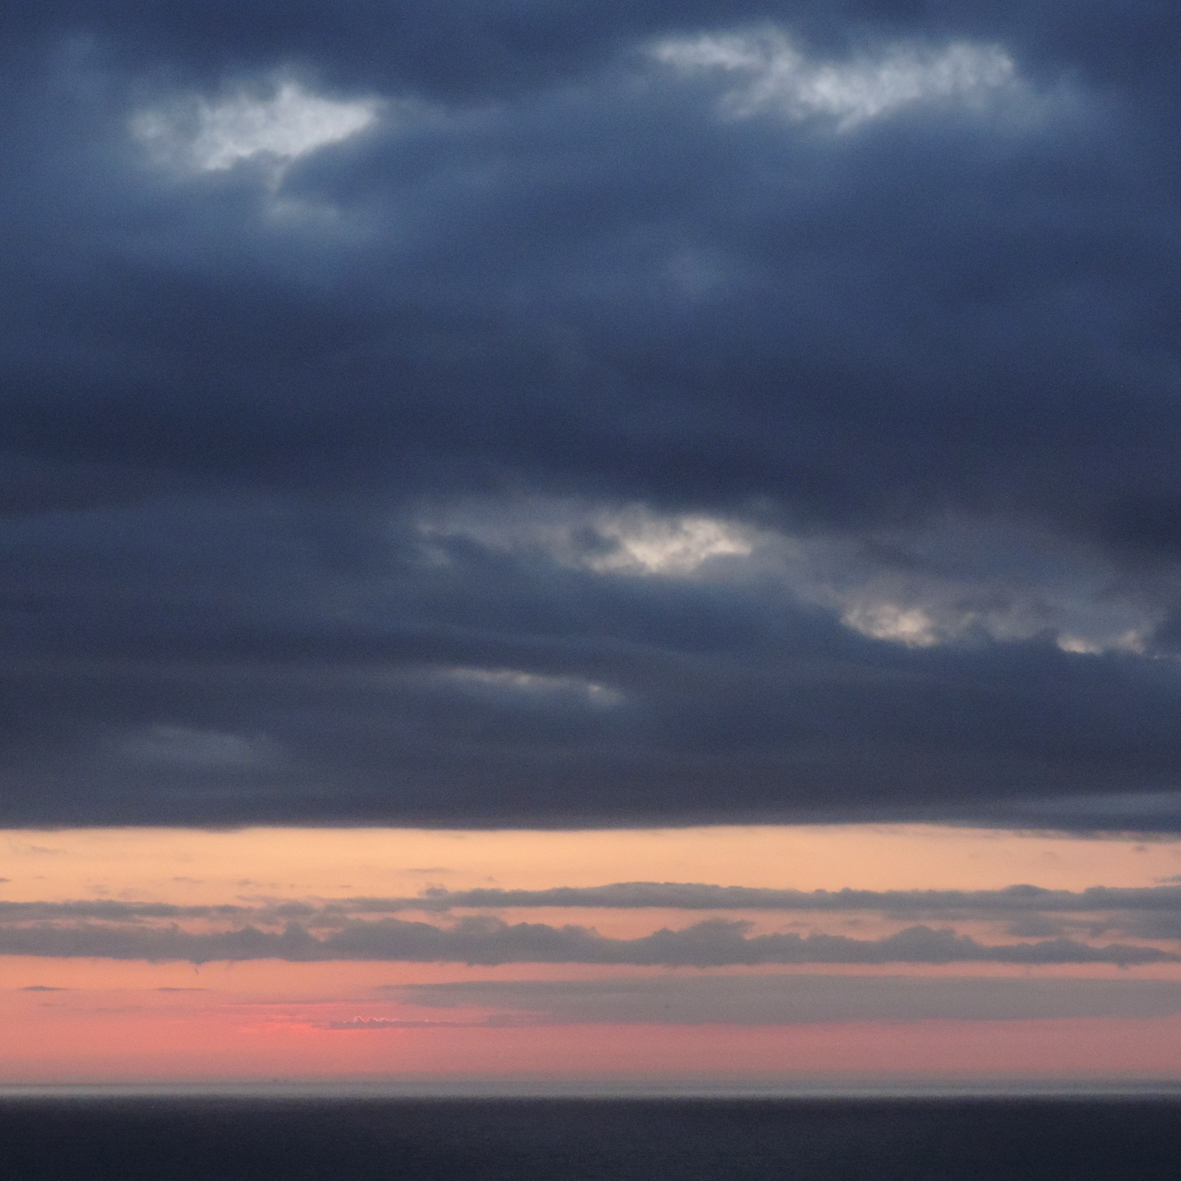 Heavy Sunset